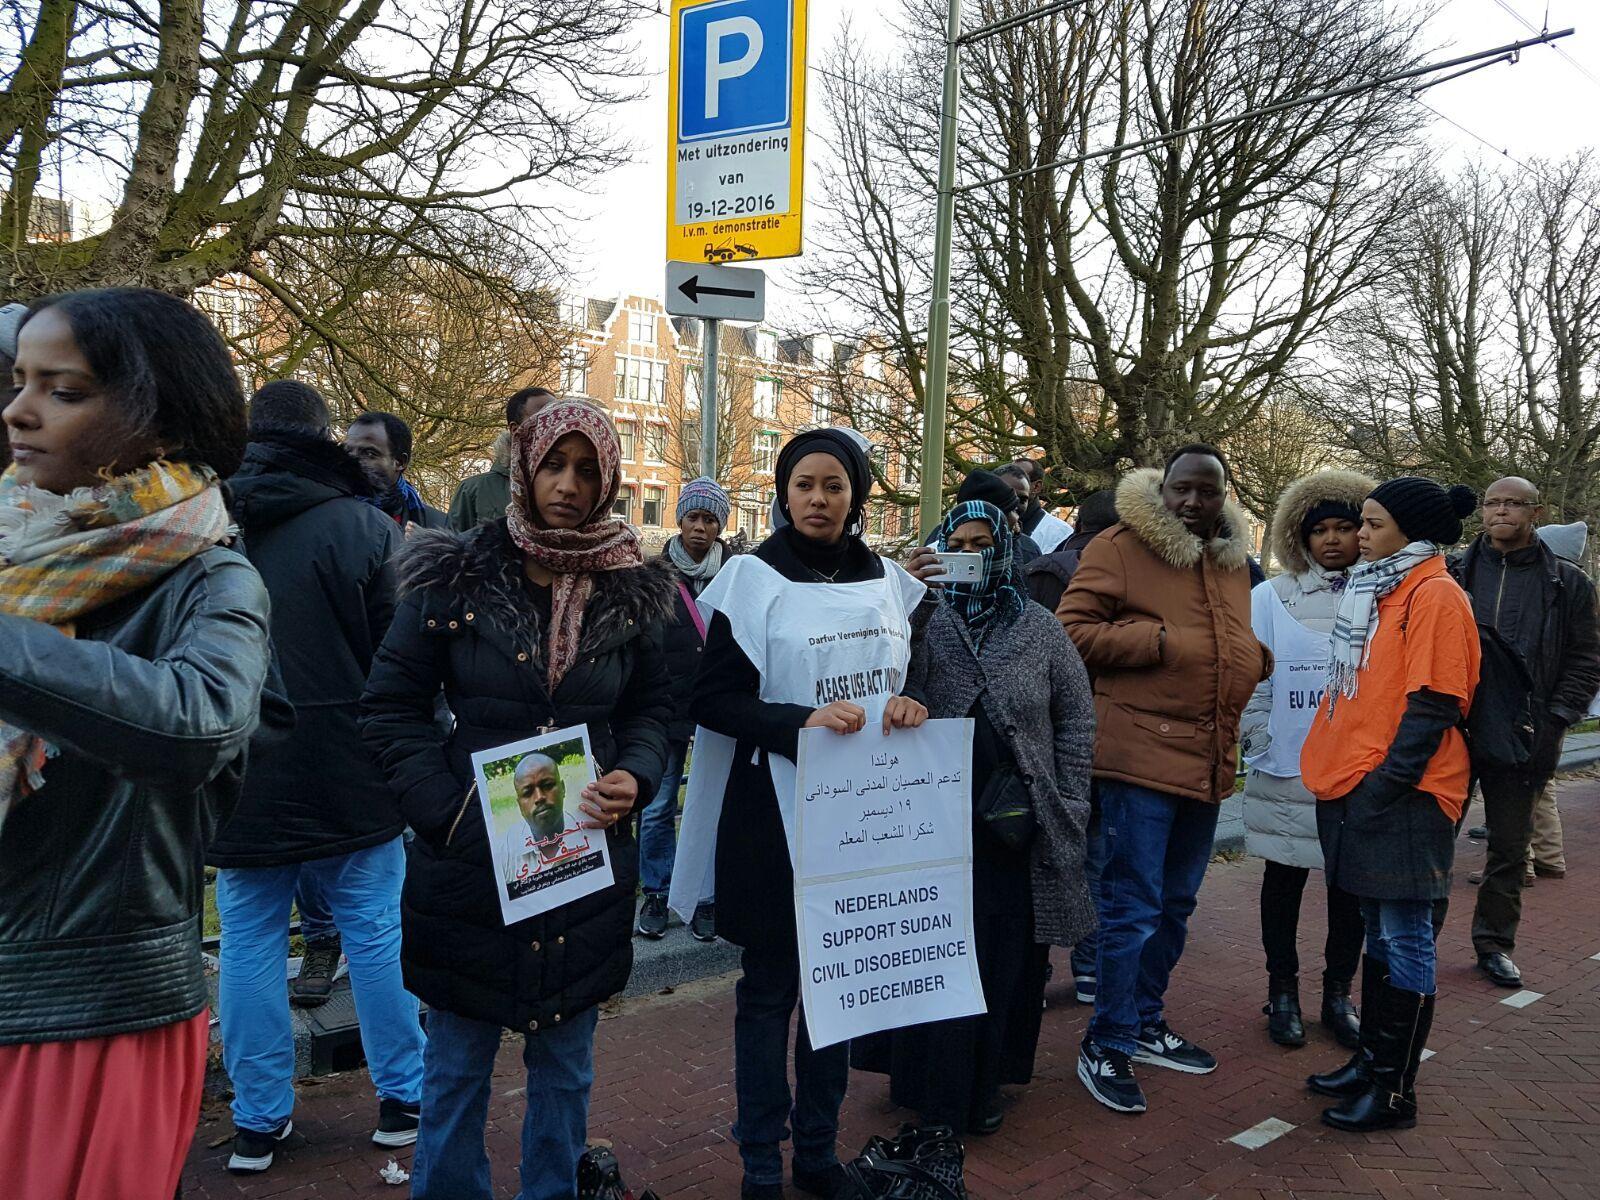 منظمات سودانية  ينظمون مظاهرة حاشدة فى هولندا